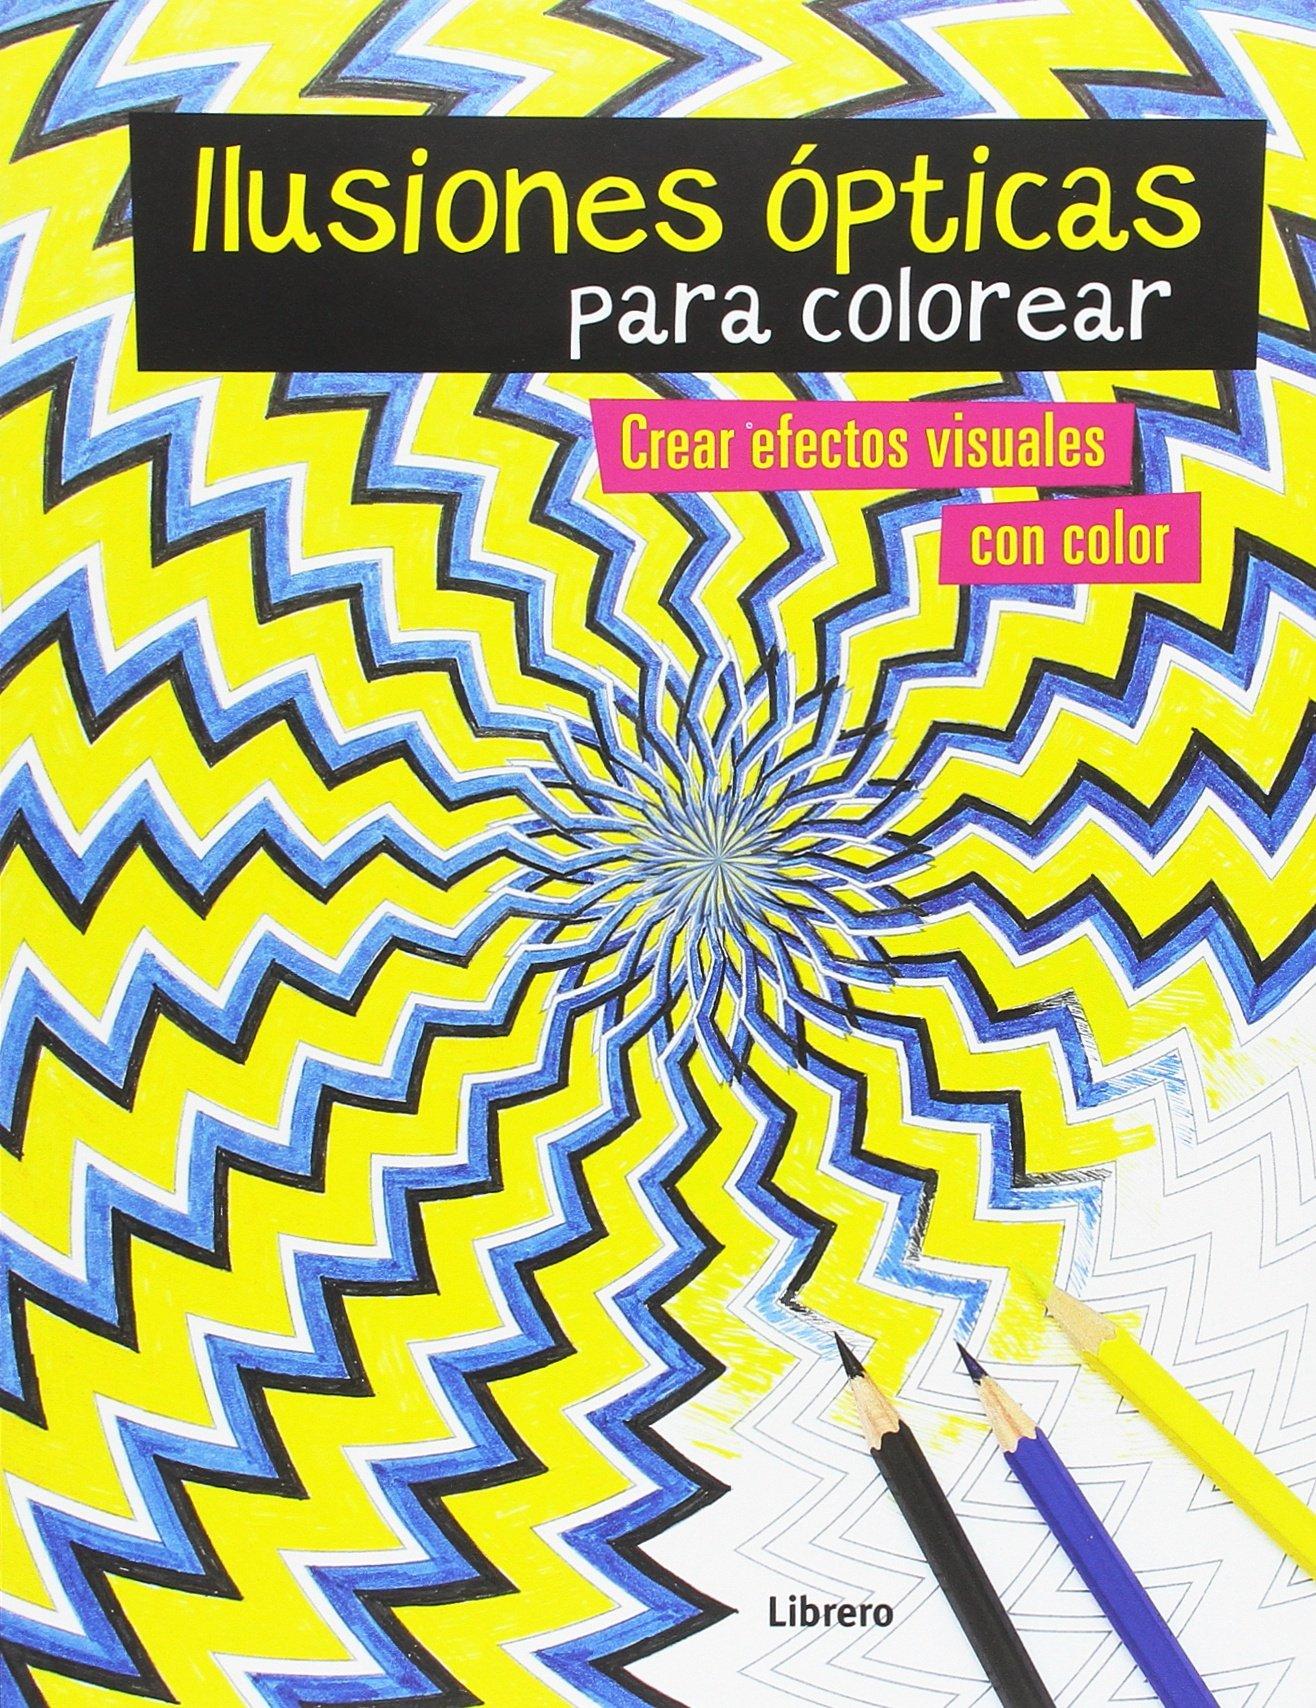 ILUSIONES OPTICAS PARA COLOREAR: Austin Taylor: 9789089988096 ...